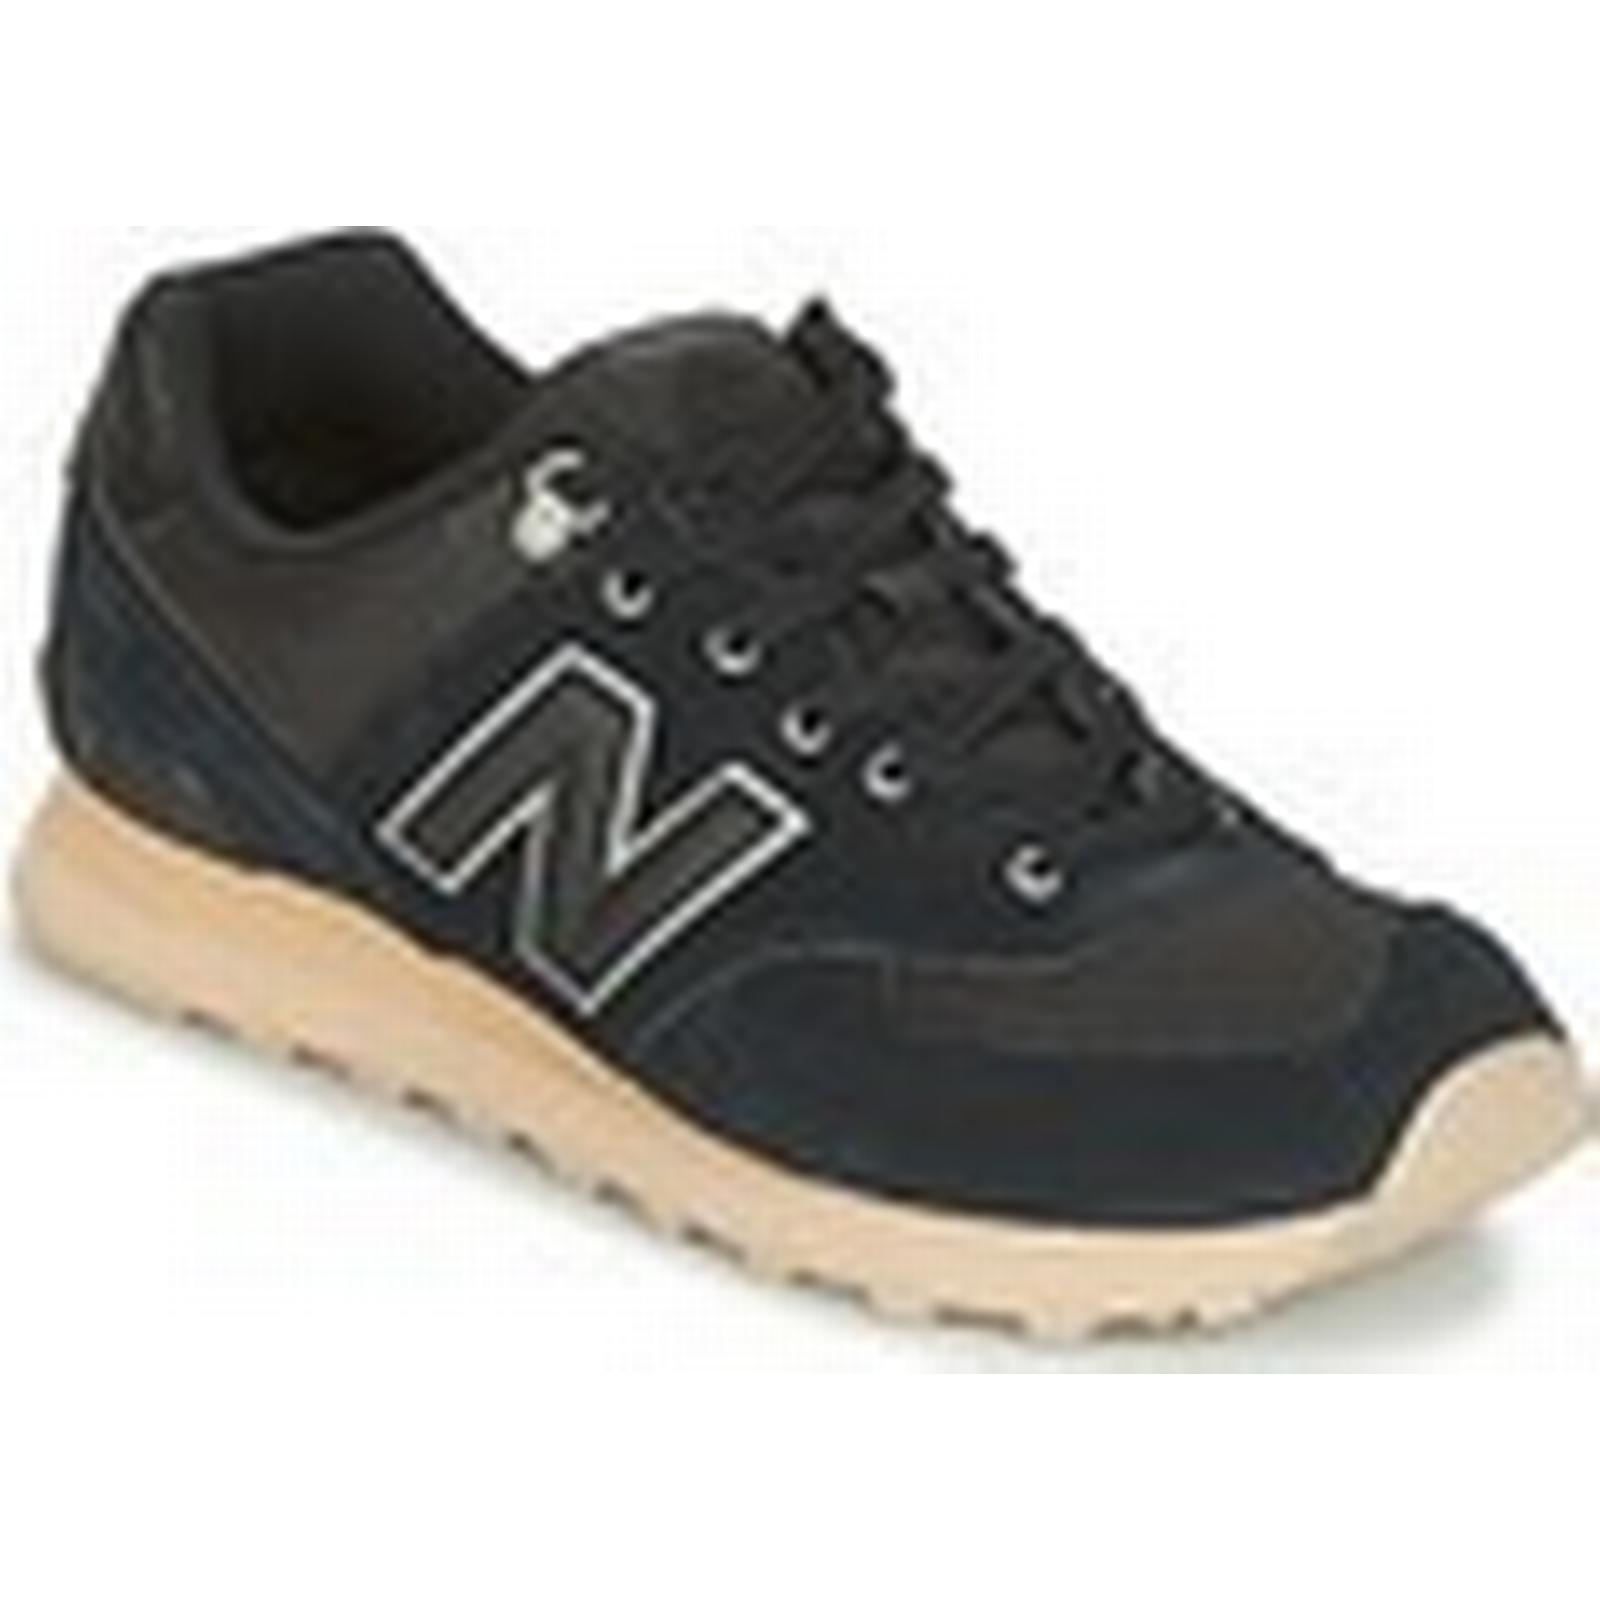 nouveau solde ml574 femmes & #  27; s s s Chaussure s (formateurs) en noir e88db8